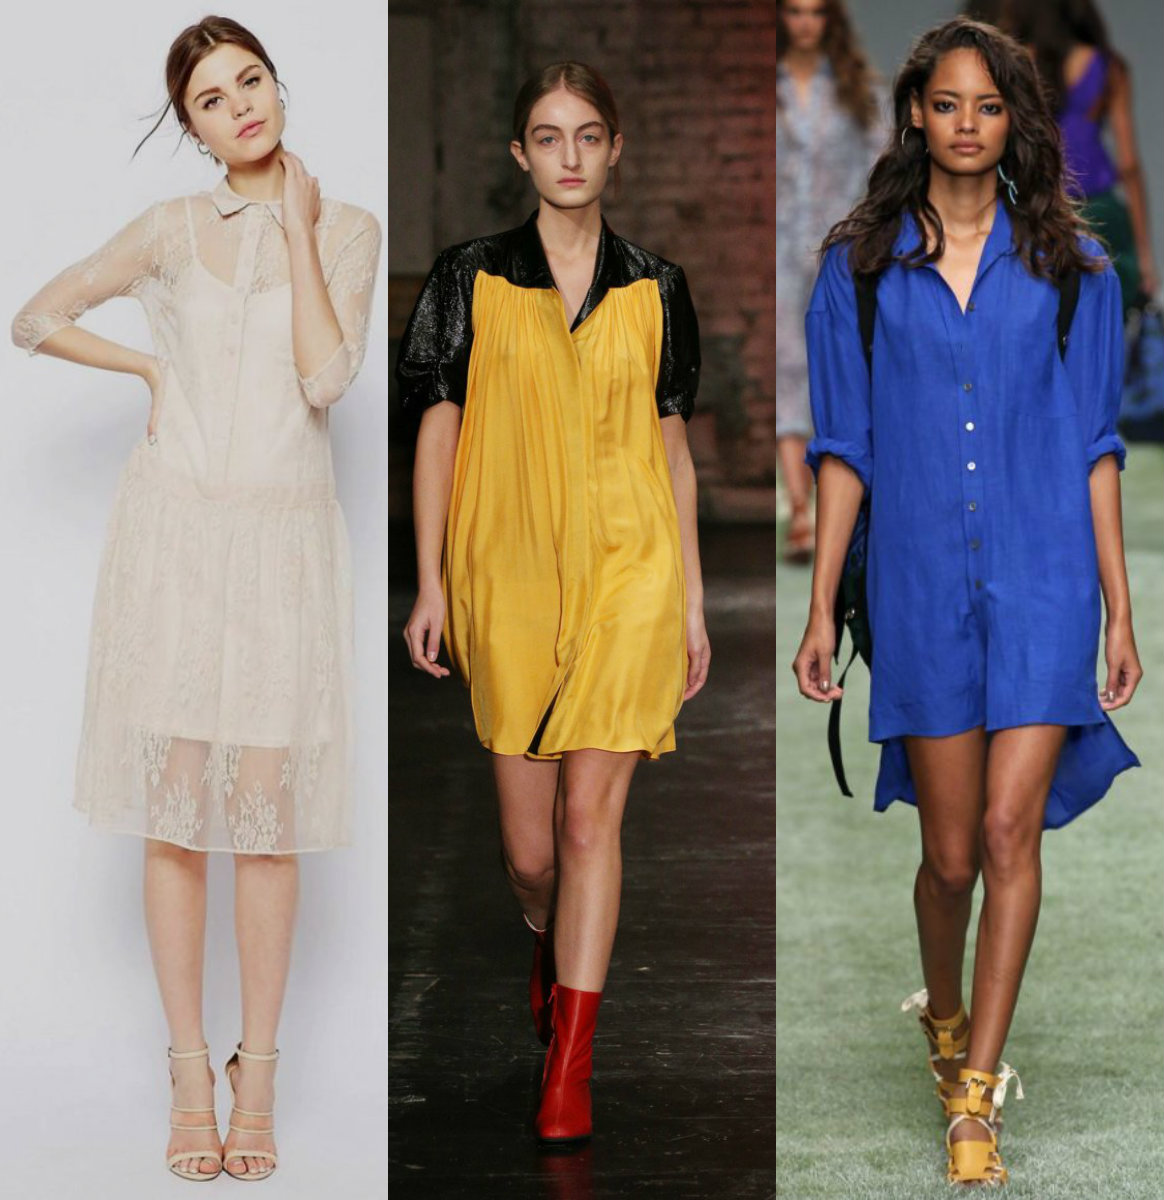 женская мода 2019 : яркие платья